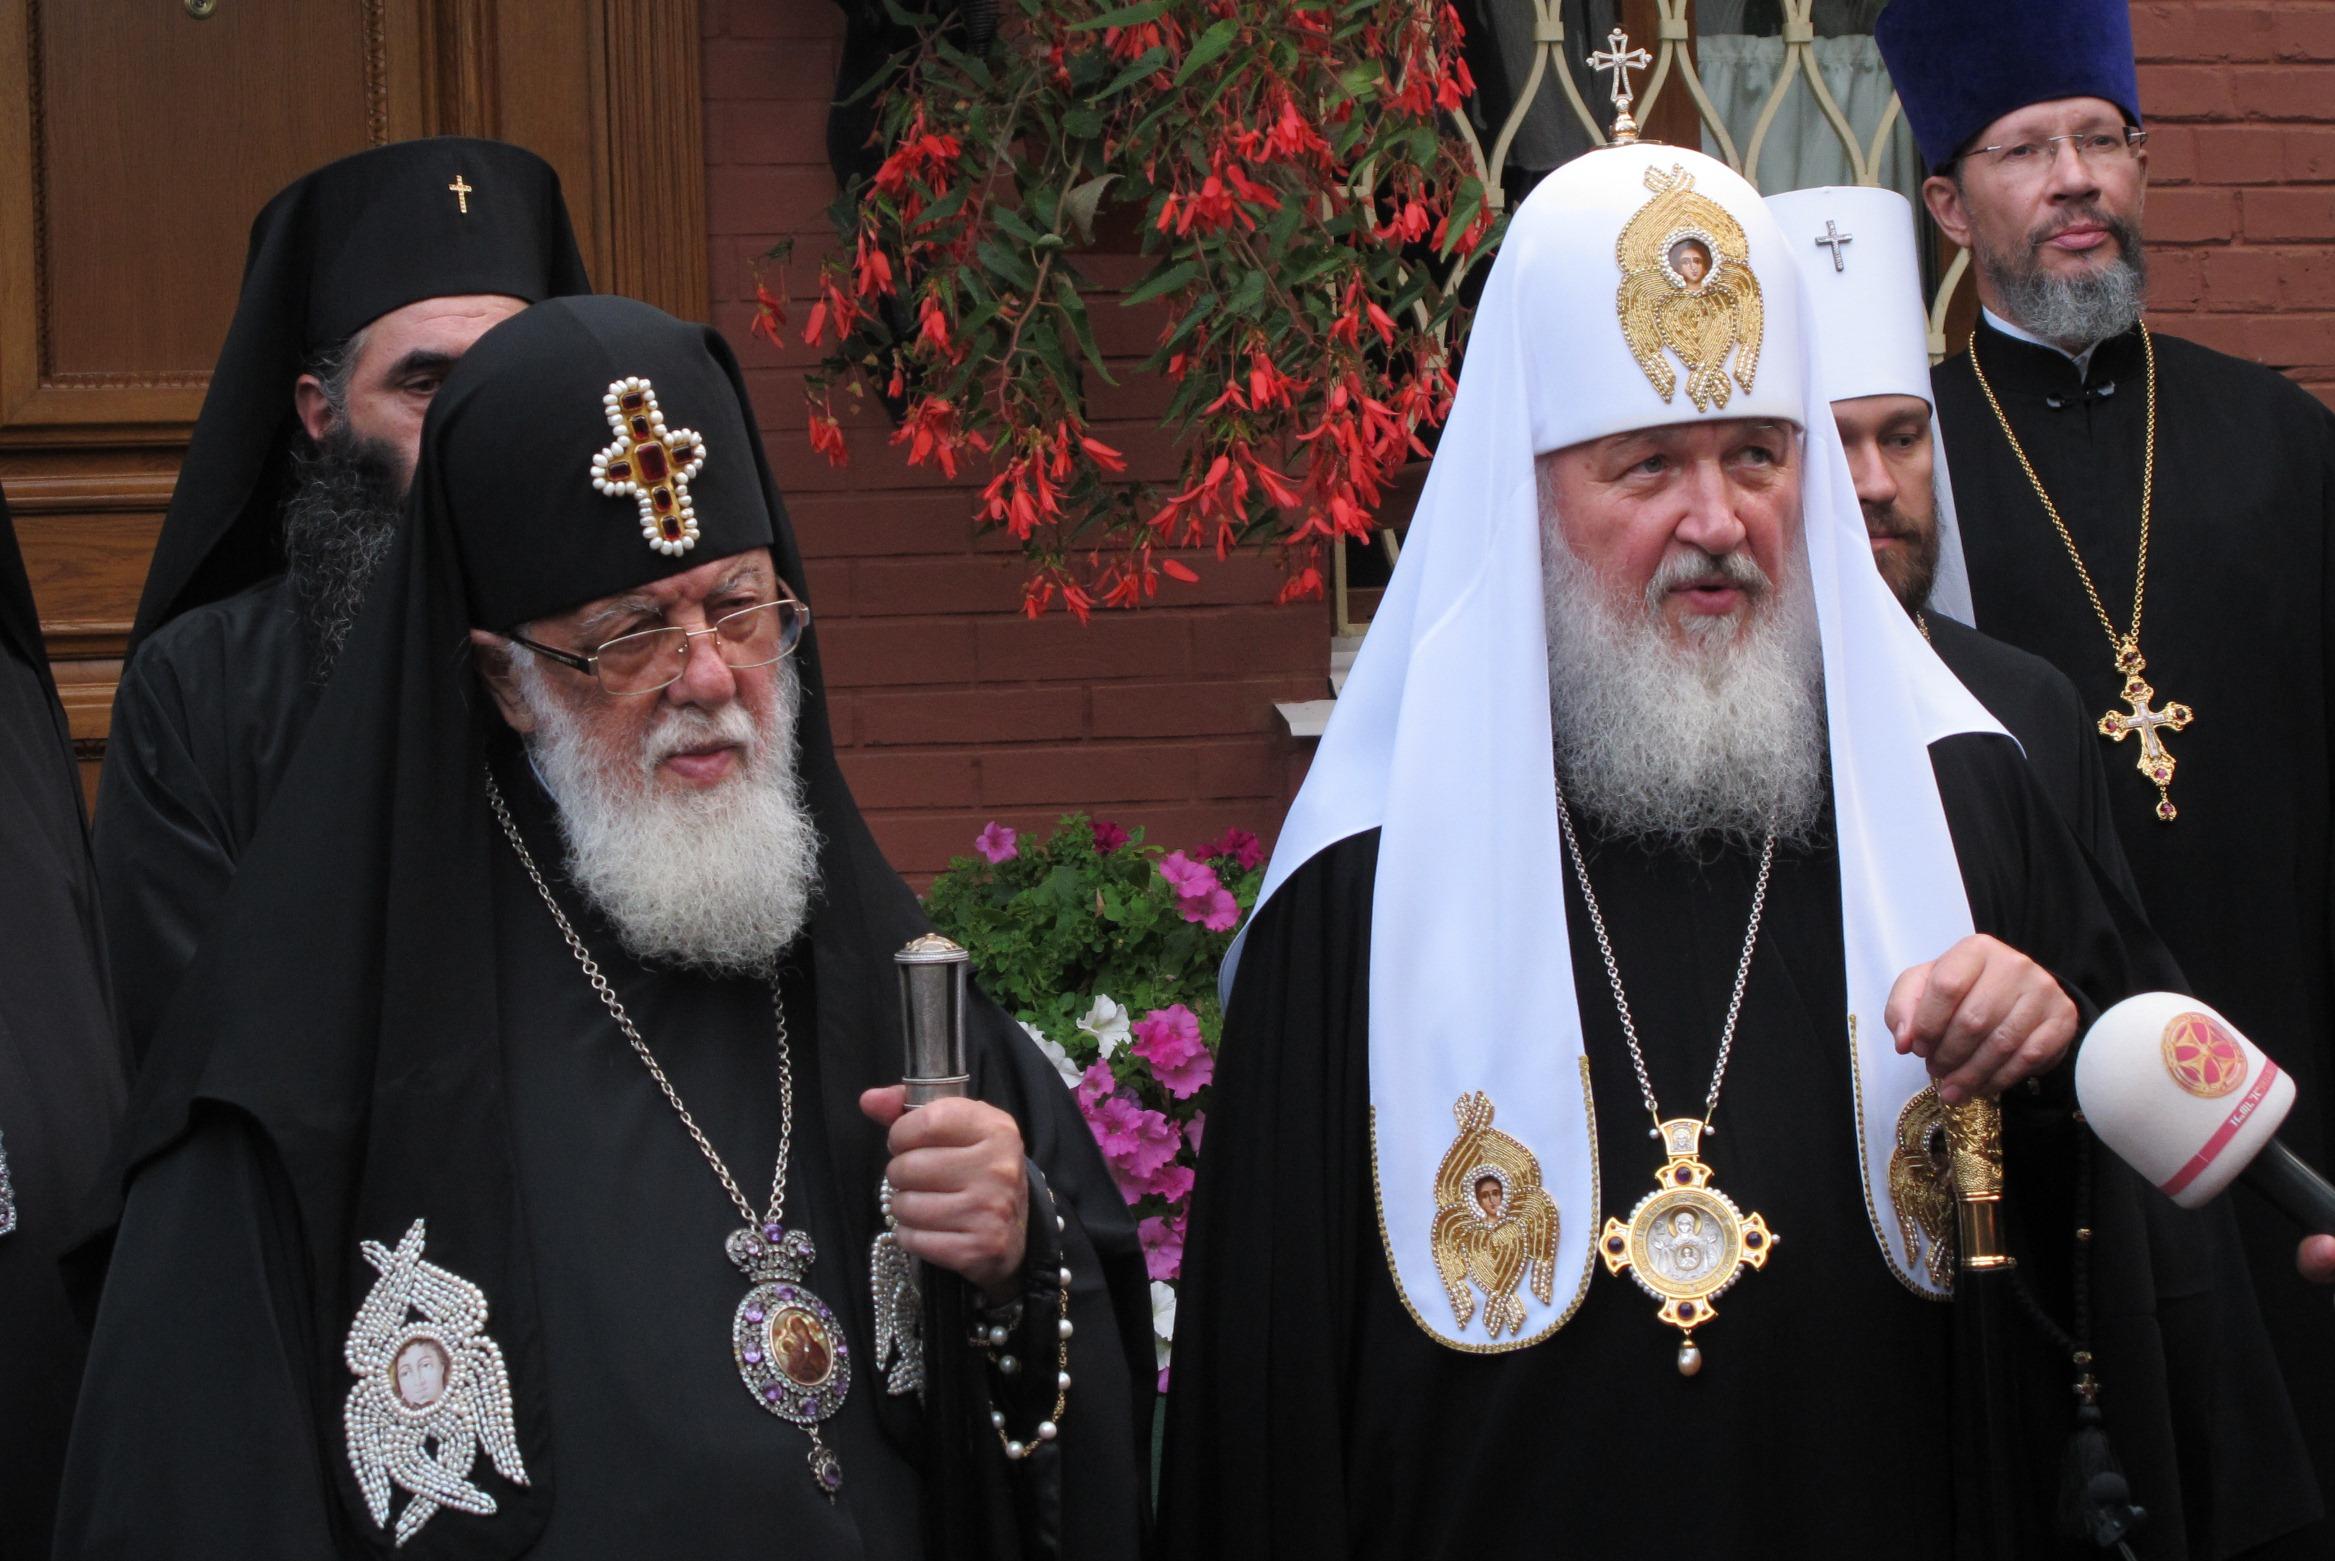 Cвященника задержали при попытке отравить патриарха